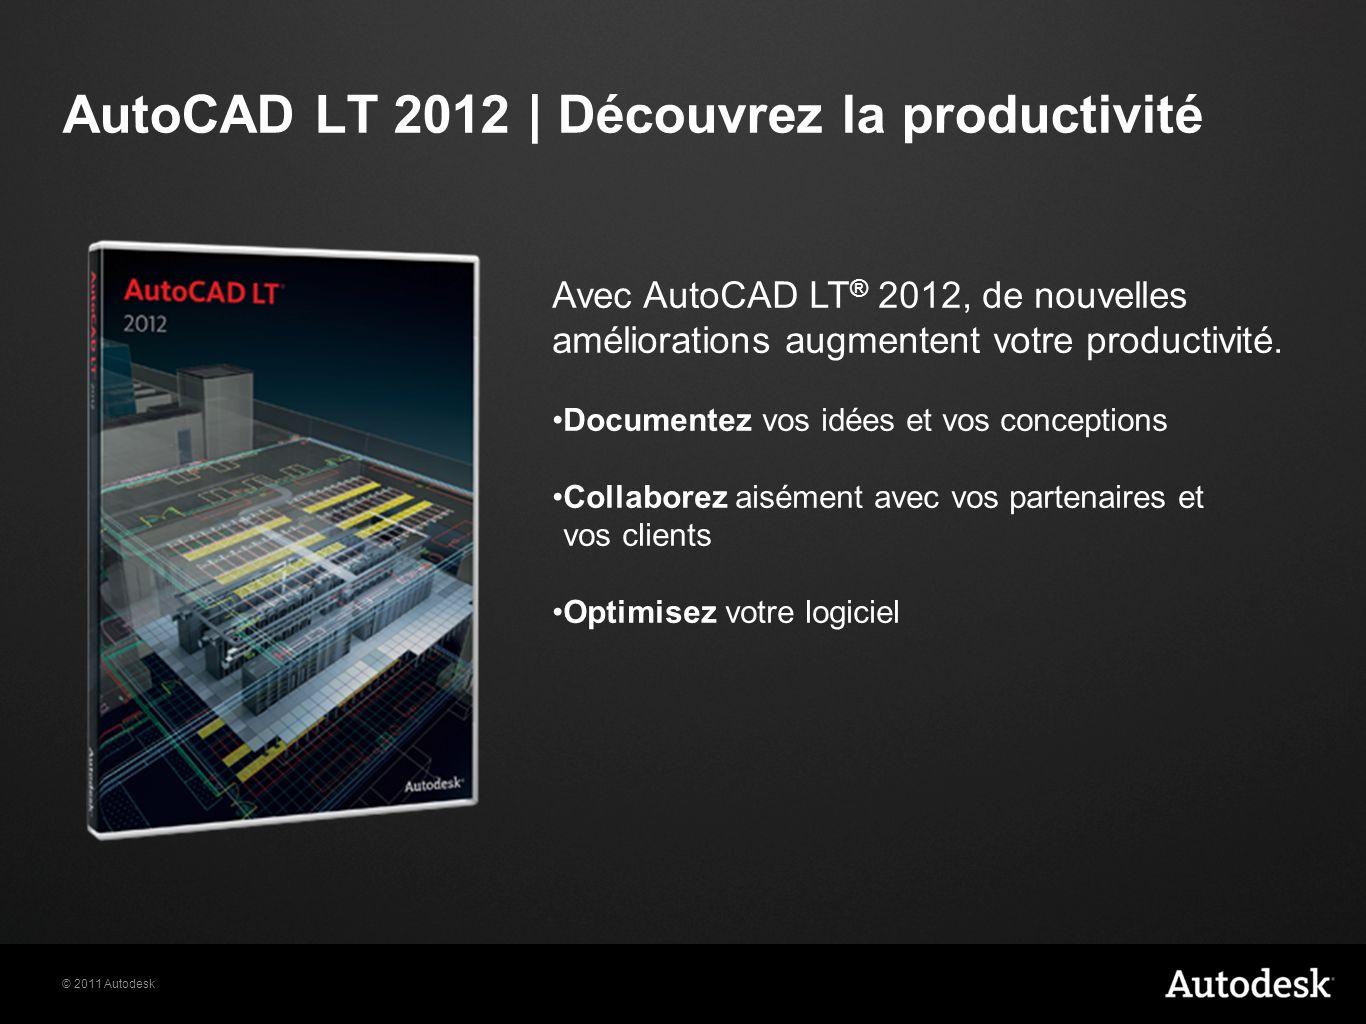 © 2011 Autodesk AutoCAD LT 2012 | Découvrez la productivité Avec AutoCAD LT ® 2012, de nouvelles améliorations augmentent votre productivité.